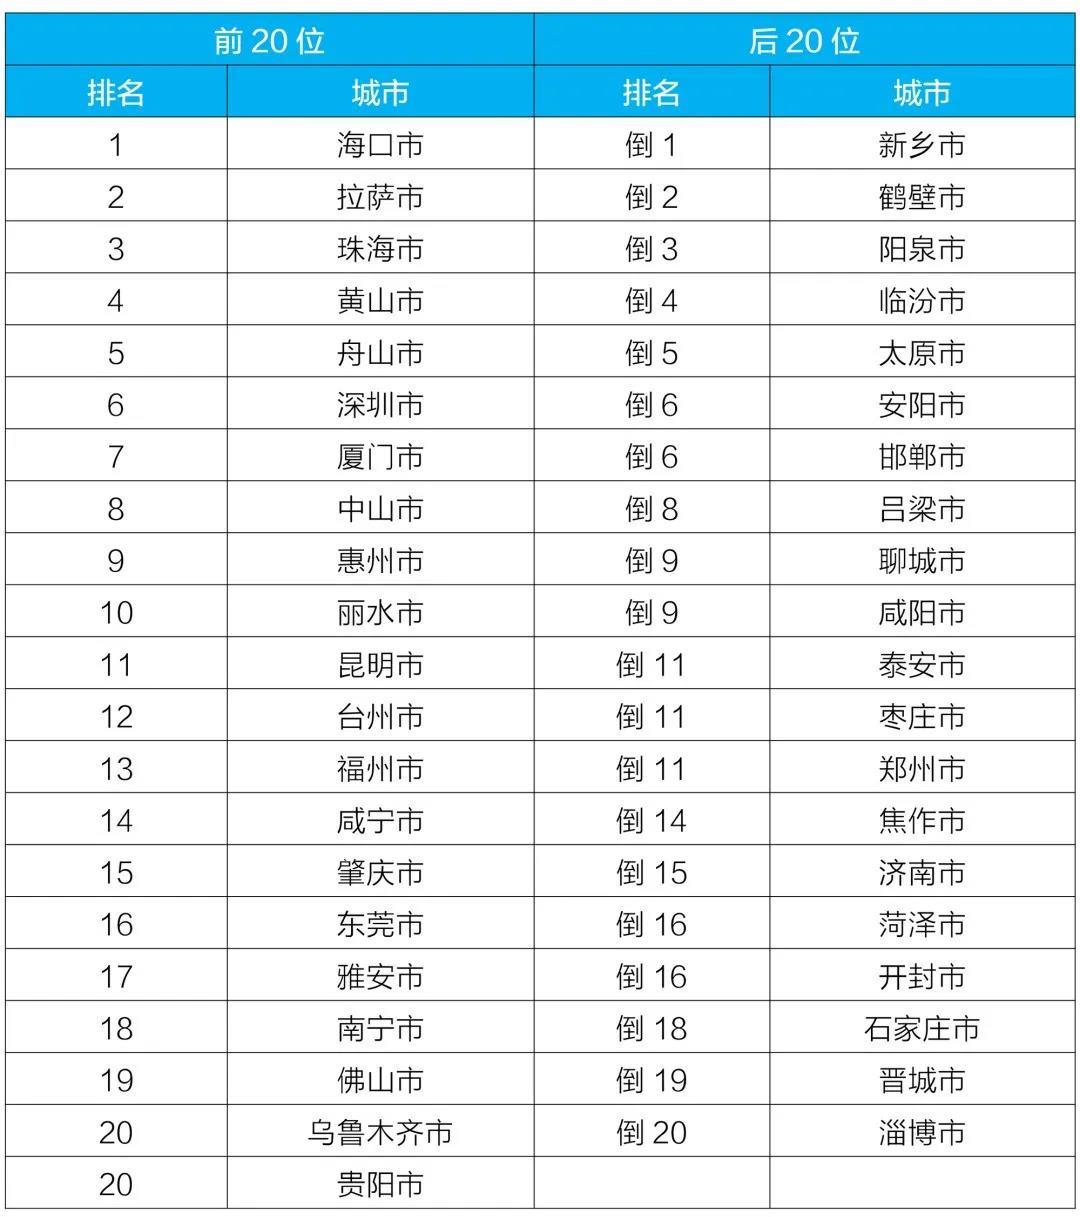 全国城市空气排行榜_环境空气质量持续改善7月全国重点城市排名我市位列第九